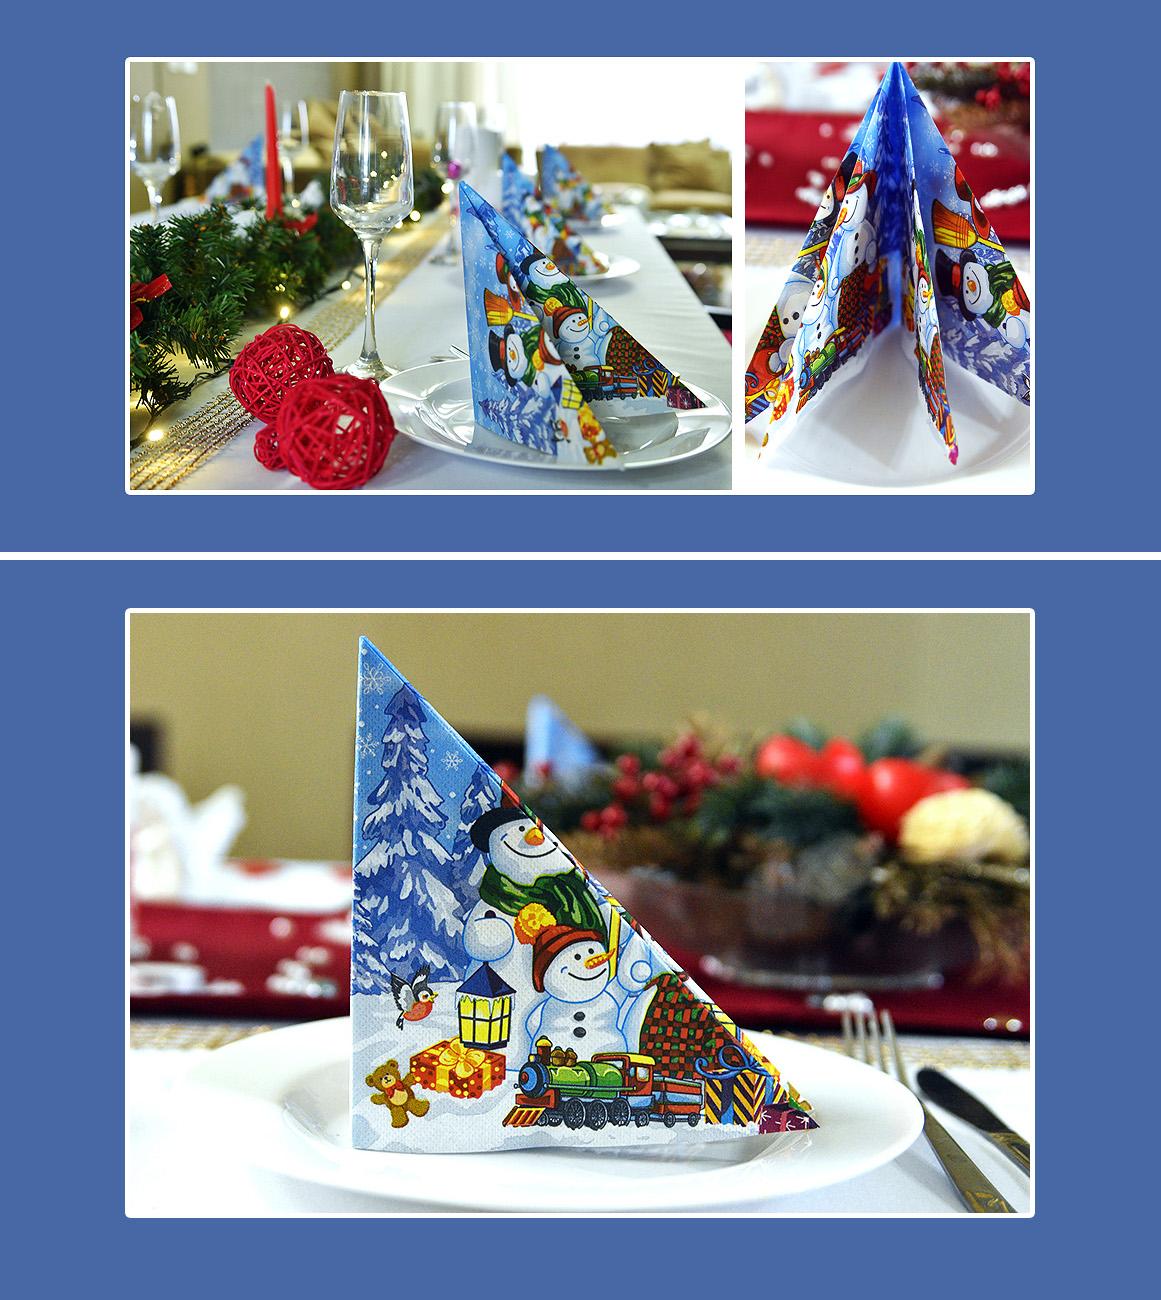 Serviette falten Weihnachten Silvester